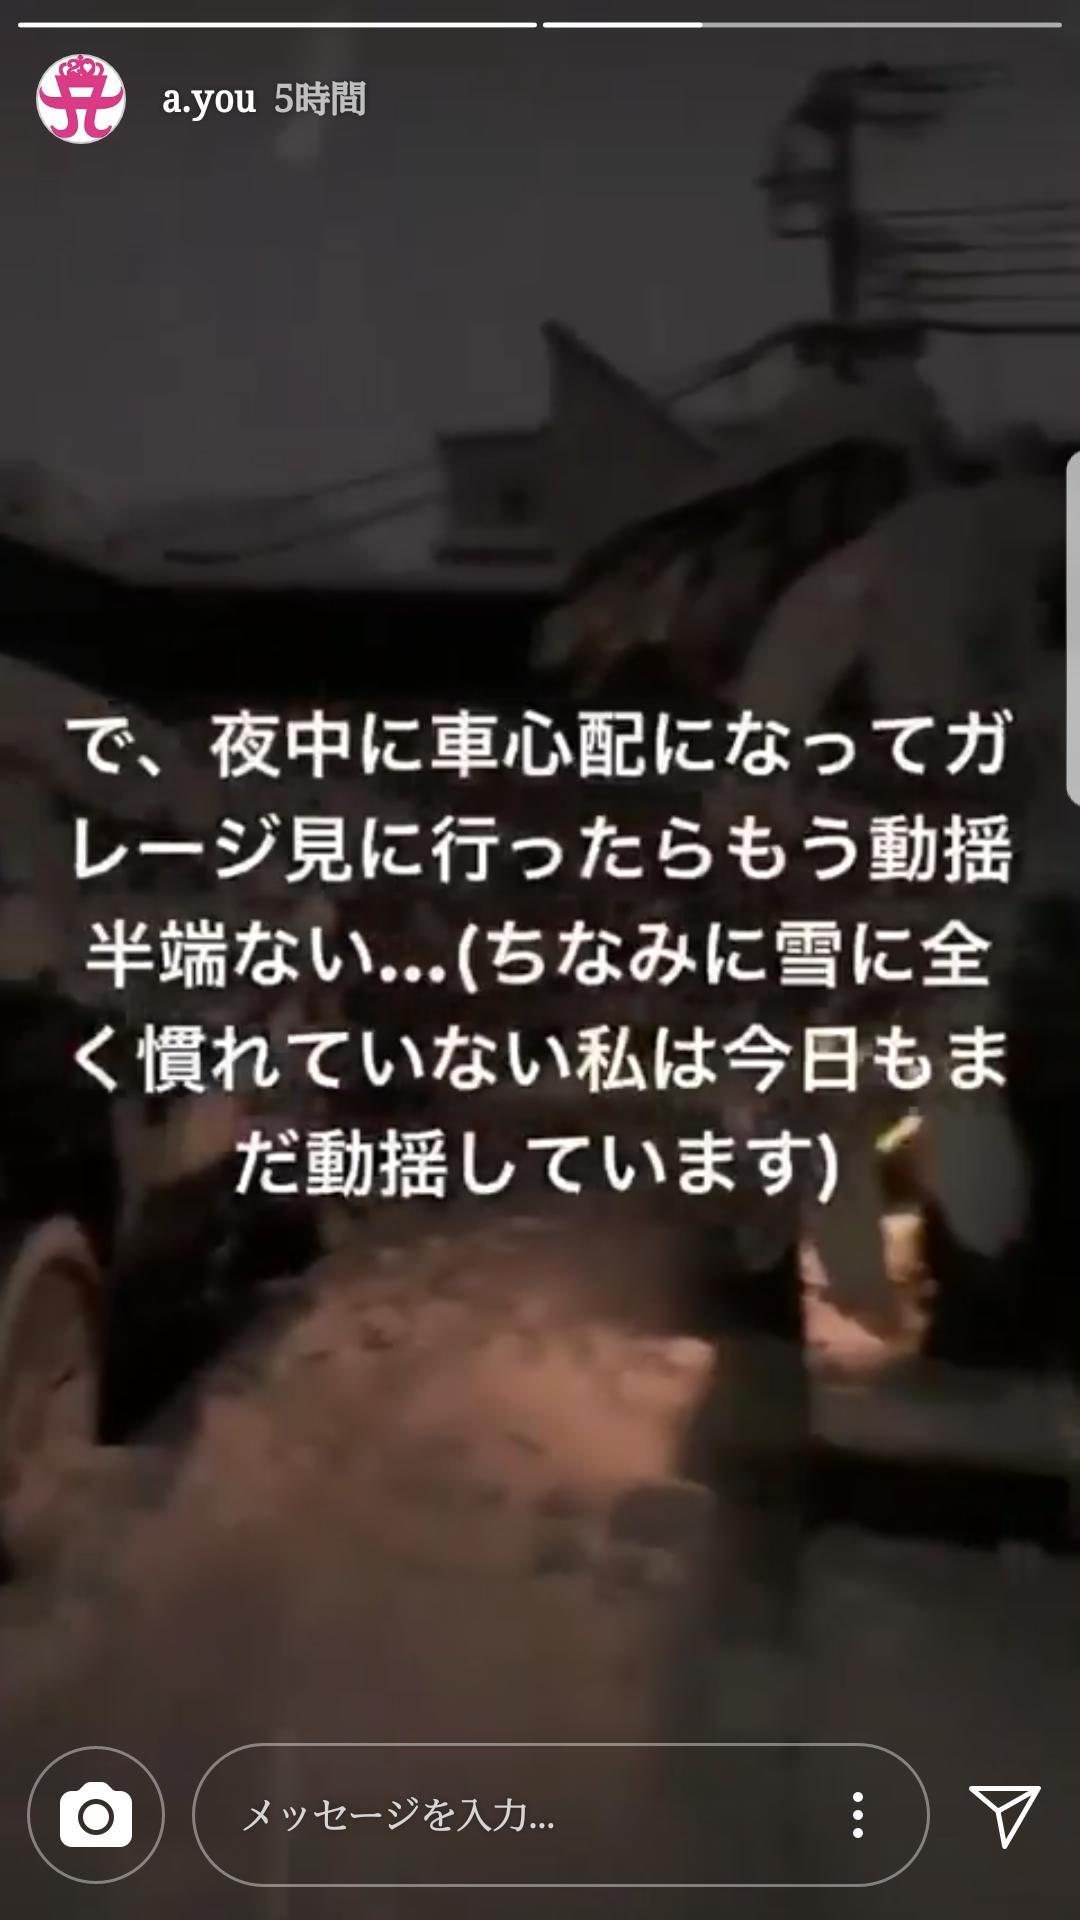 浜崎あゆみ、デビュー20周年記念し全国アリーナツアー開催